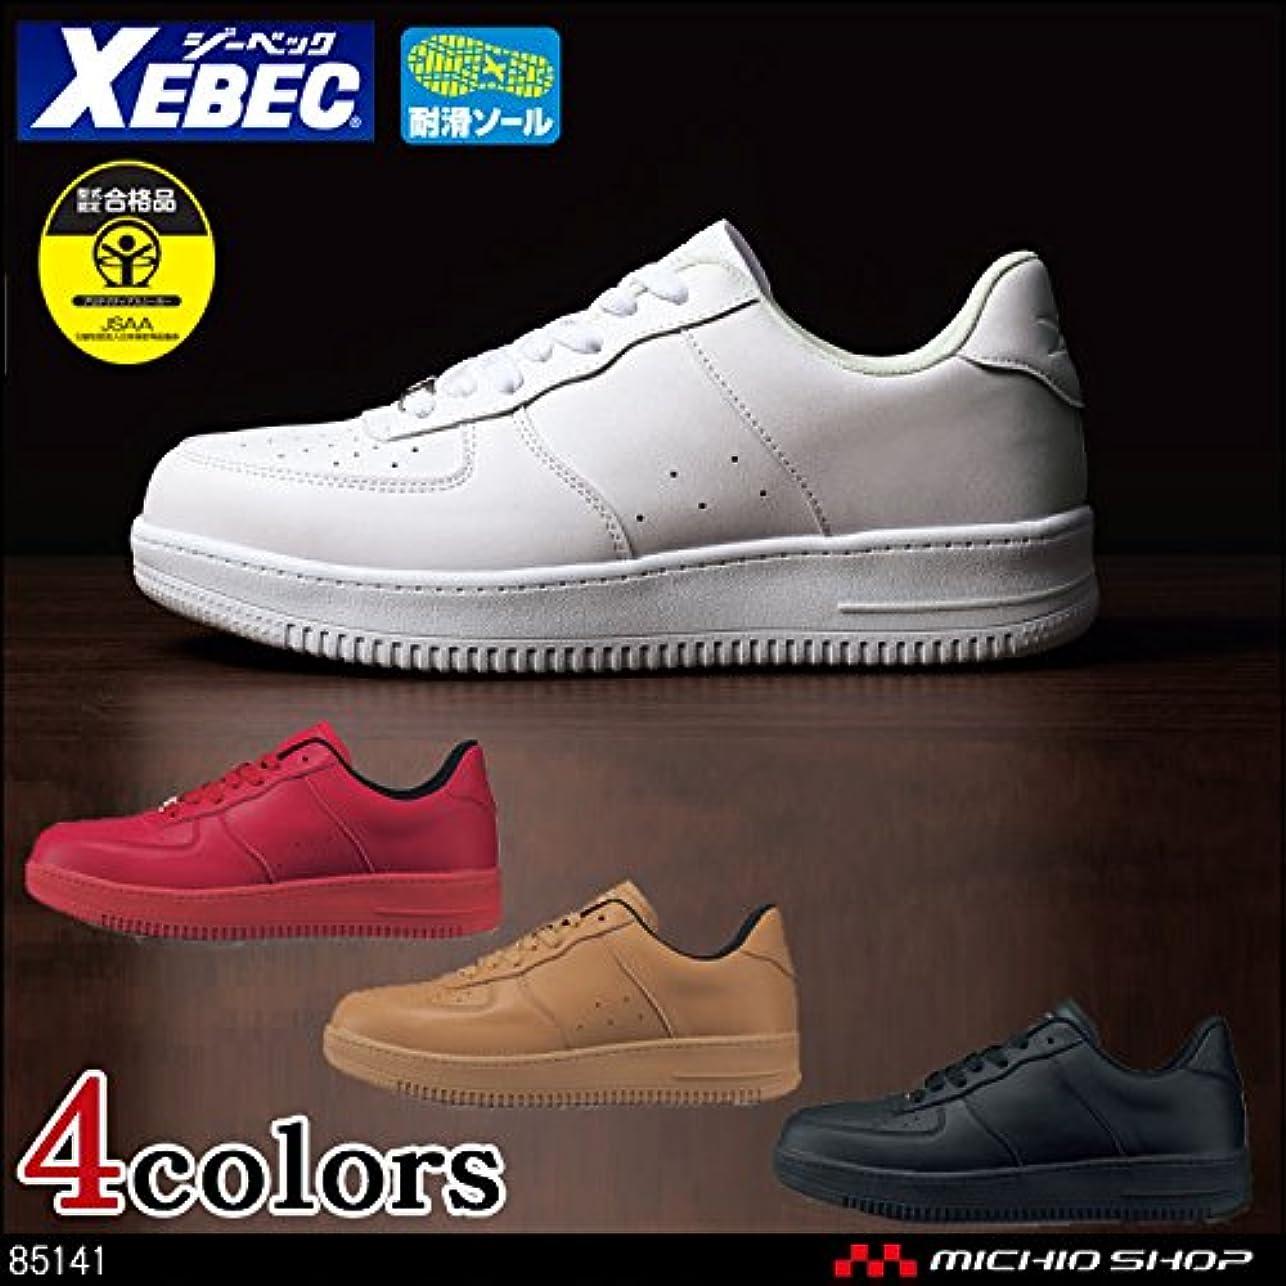 ホールドオール圧縮された胚ジーベック 安全靴 セフティシューズ 85141 Color:81キャメル 26.5